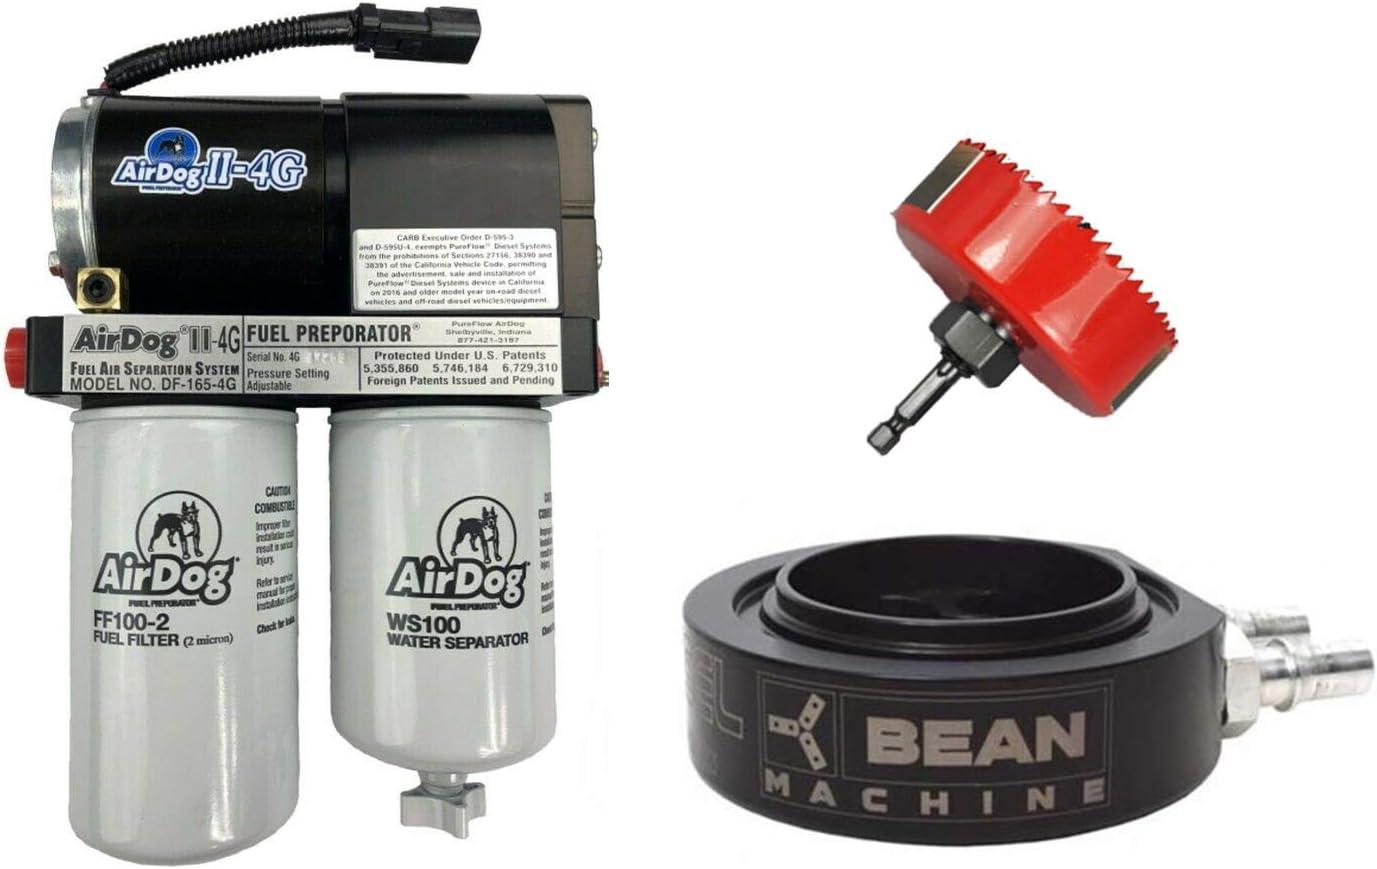 2005 dodge ram fuel filter amazon com airdog ii 4g 165 gph fuel lift pump   bean machine  airdog ii 4g 165 gph fuel lift pump